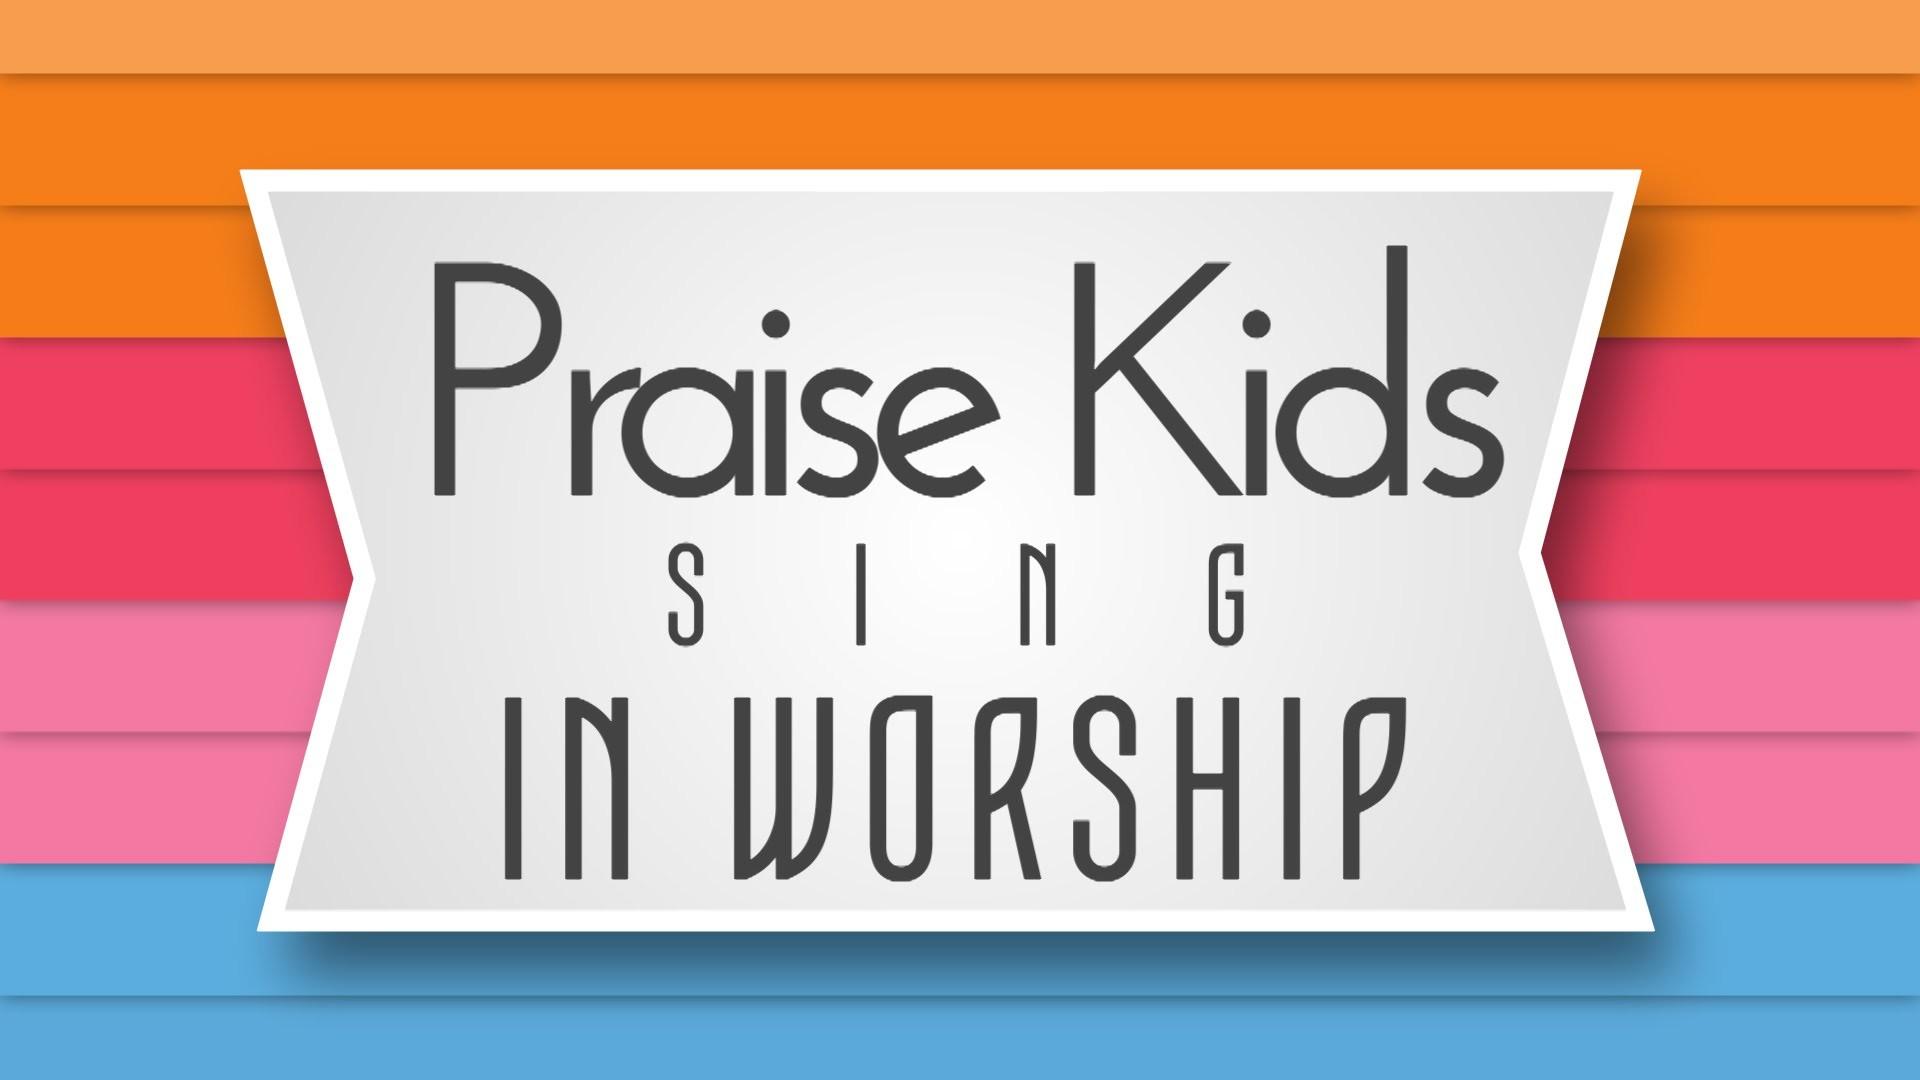 Praise Kids Sing in Worship 2-28-2016